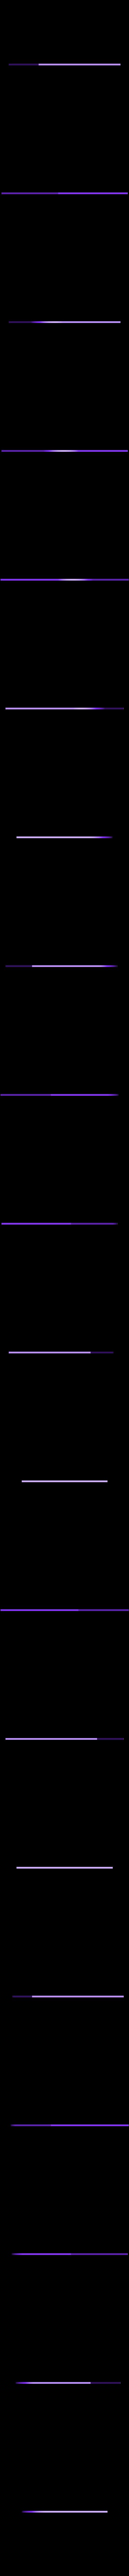 LoupAile.stl Télécharger fichier STL gratuit Loup Ailé - loup ailé • Modèle pour imprimante 3D, yb__magiic